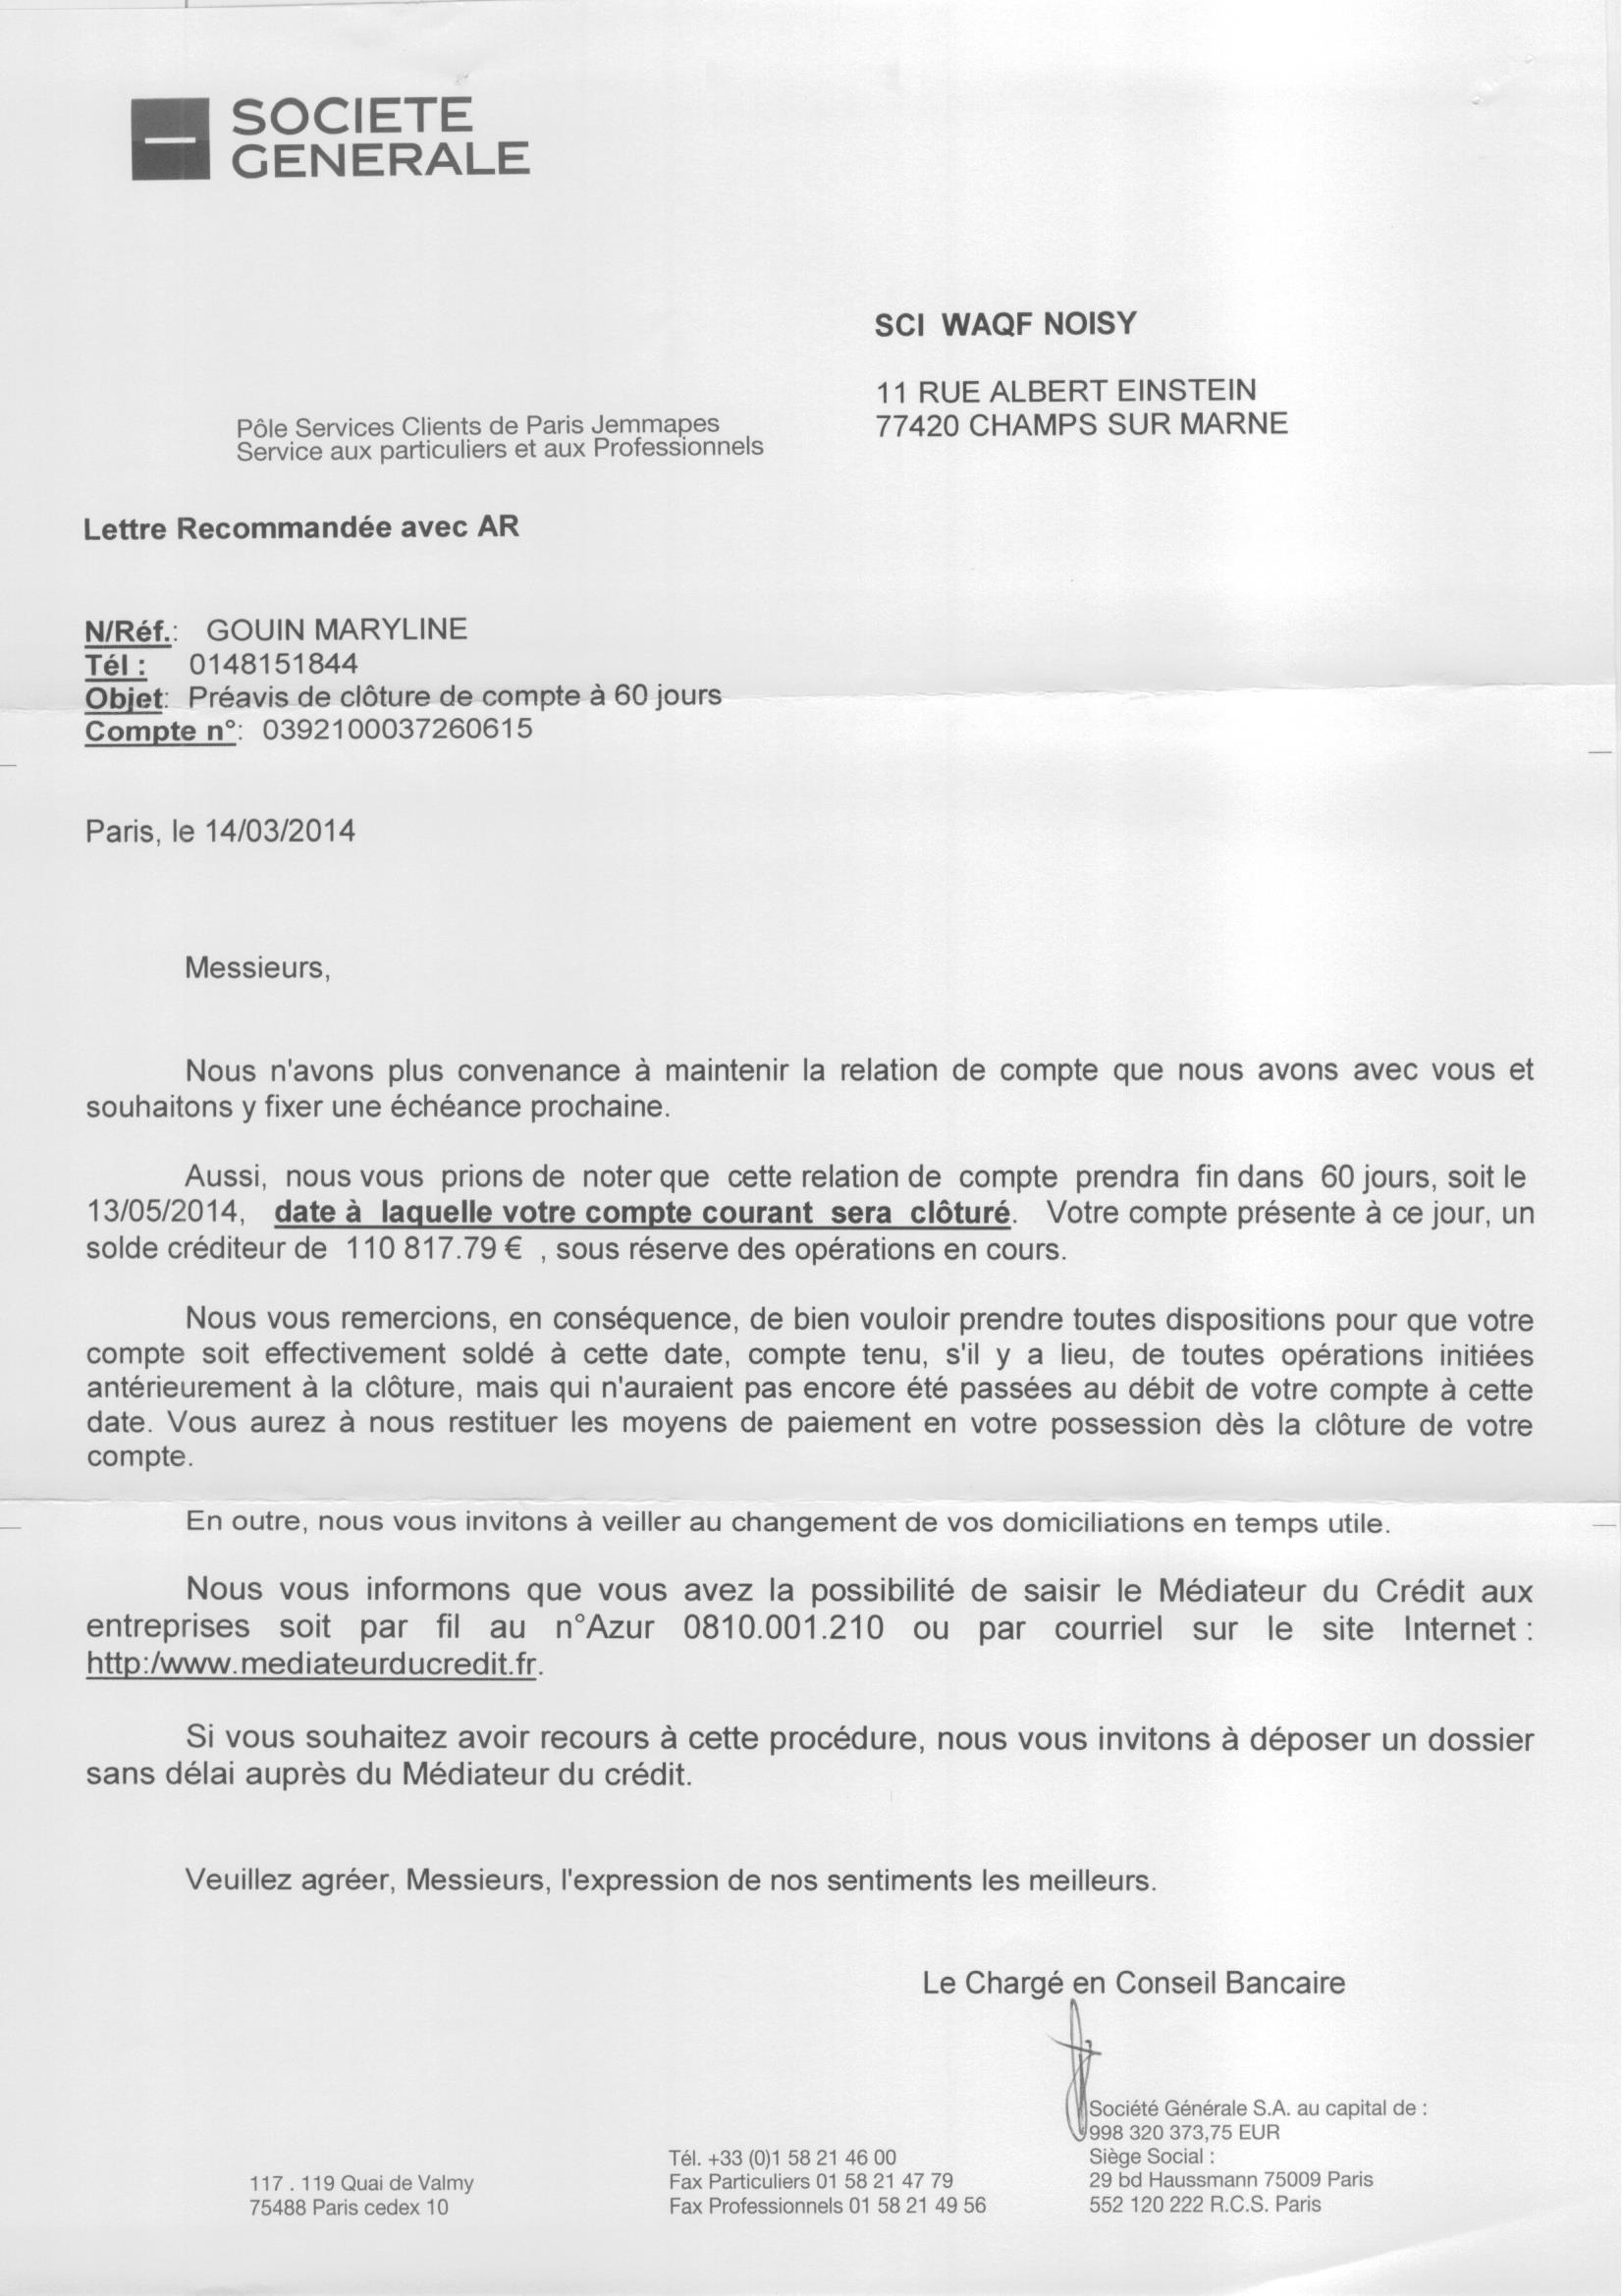 Document La Societe Generale Cloture Le Compte Bancaire De La